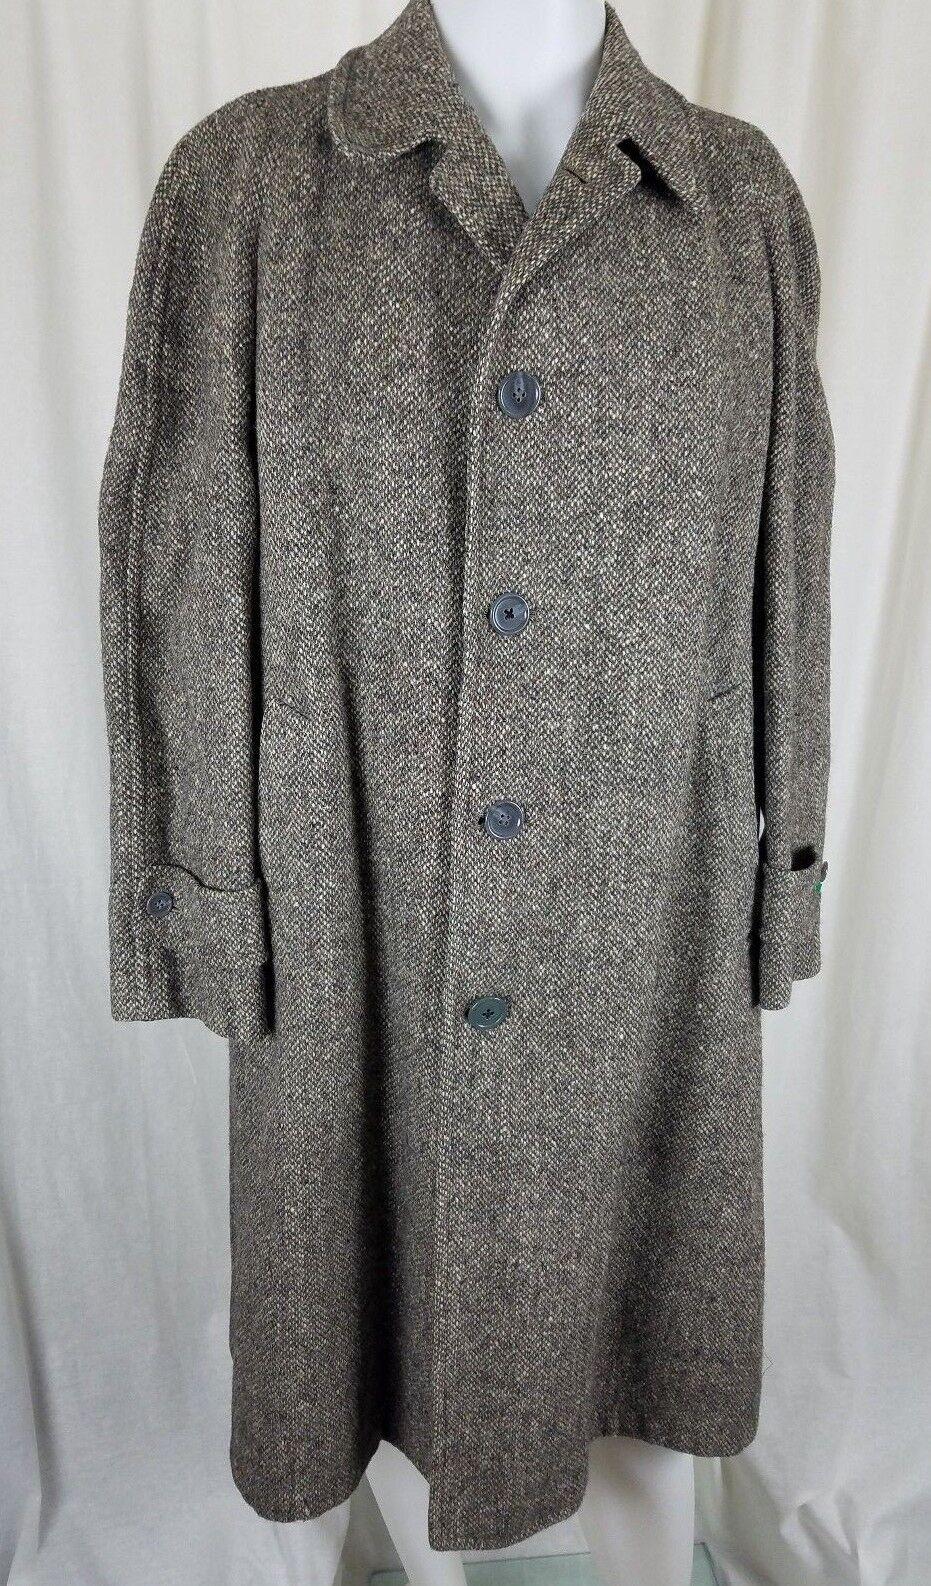 Vintage Kencrest Kennedy's Kromleigh Tweed Wool Peacoat Coat  Herren 39 S 50s grau